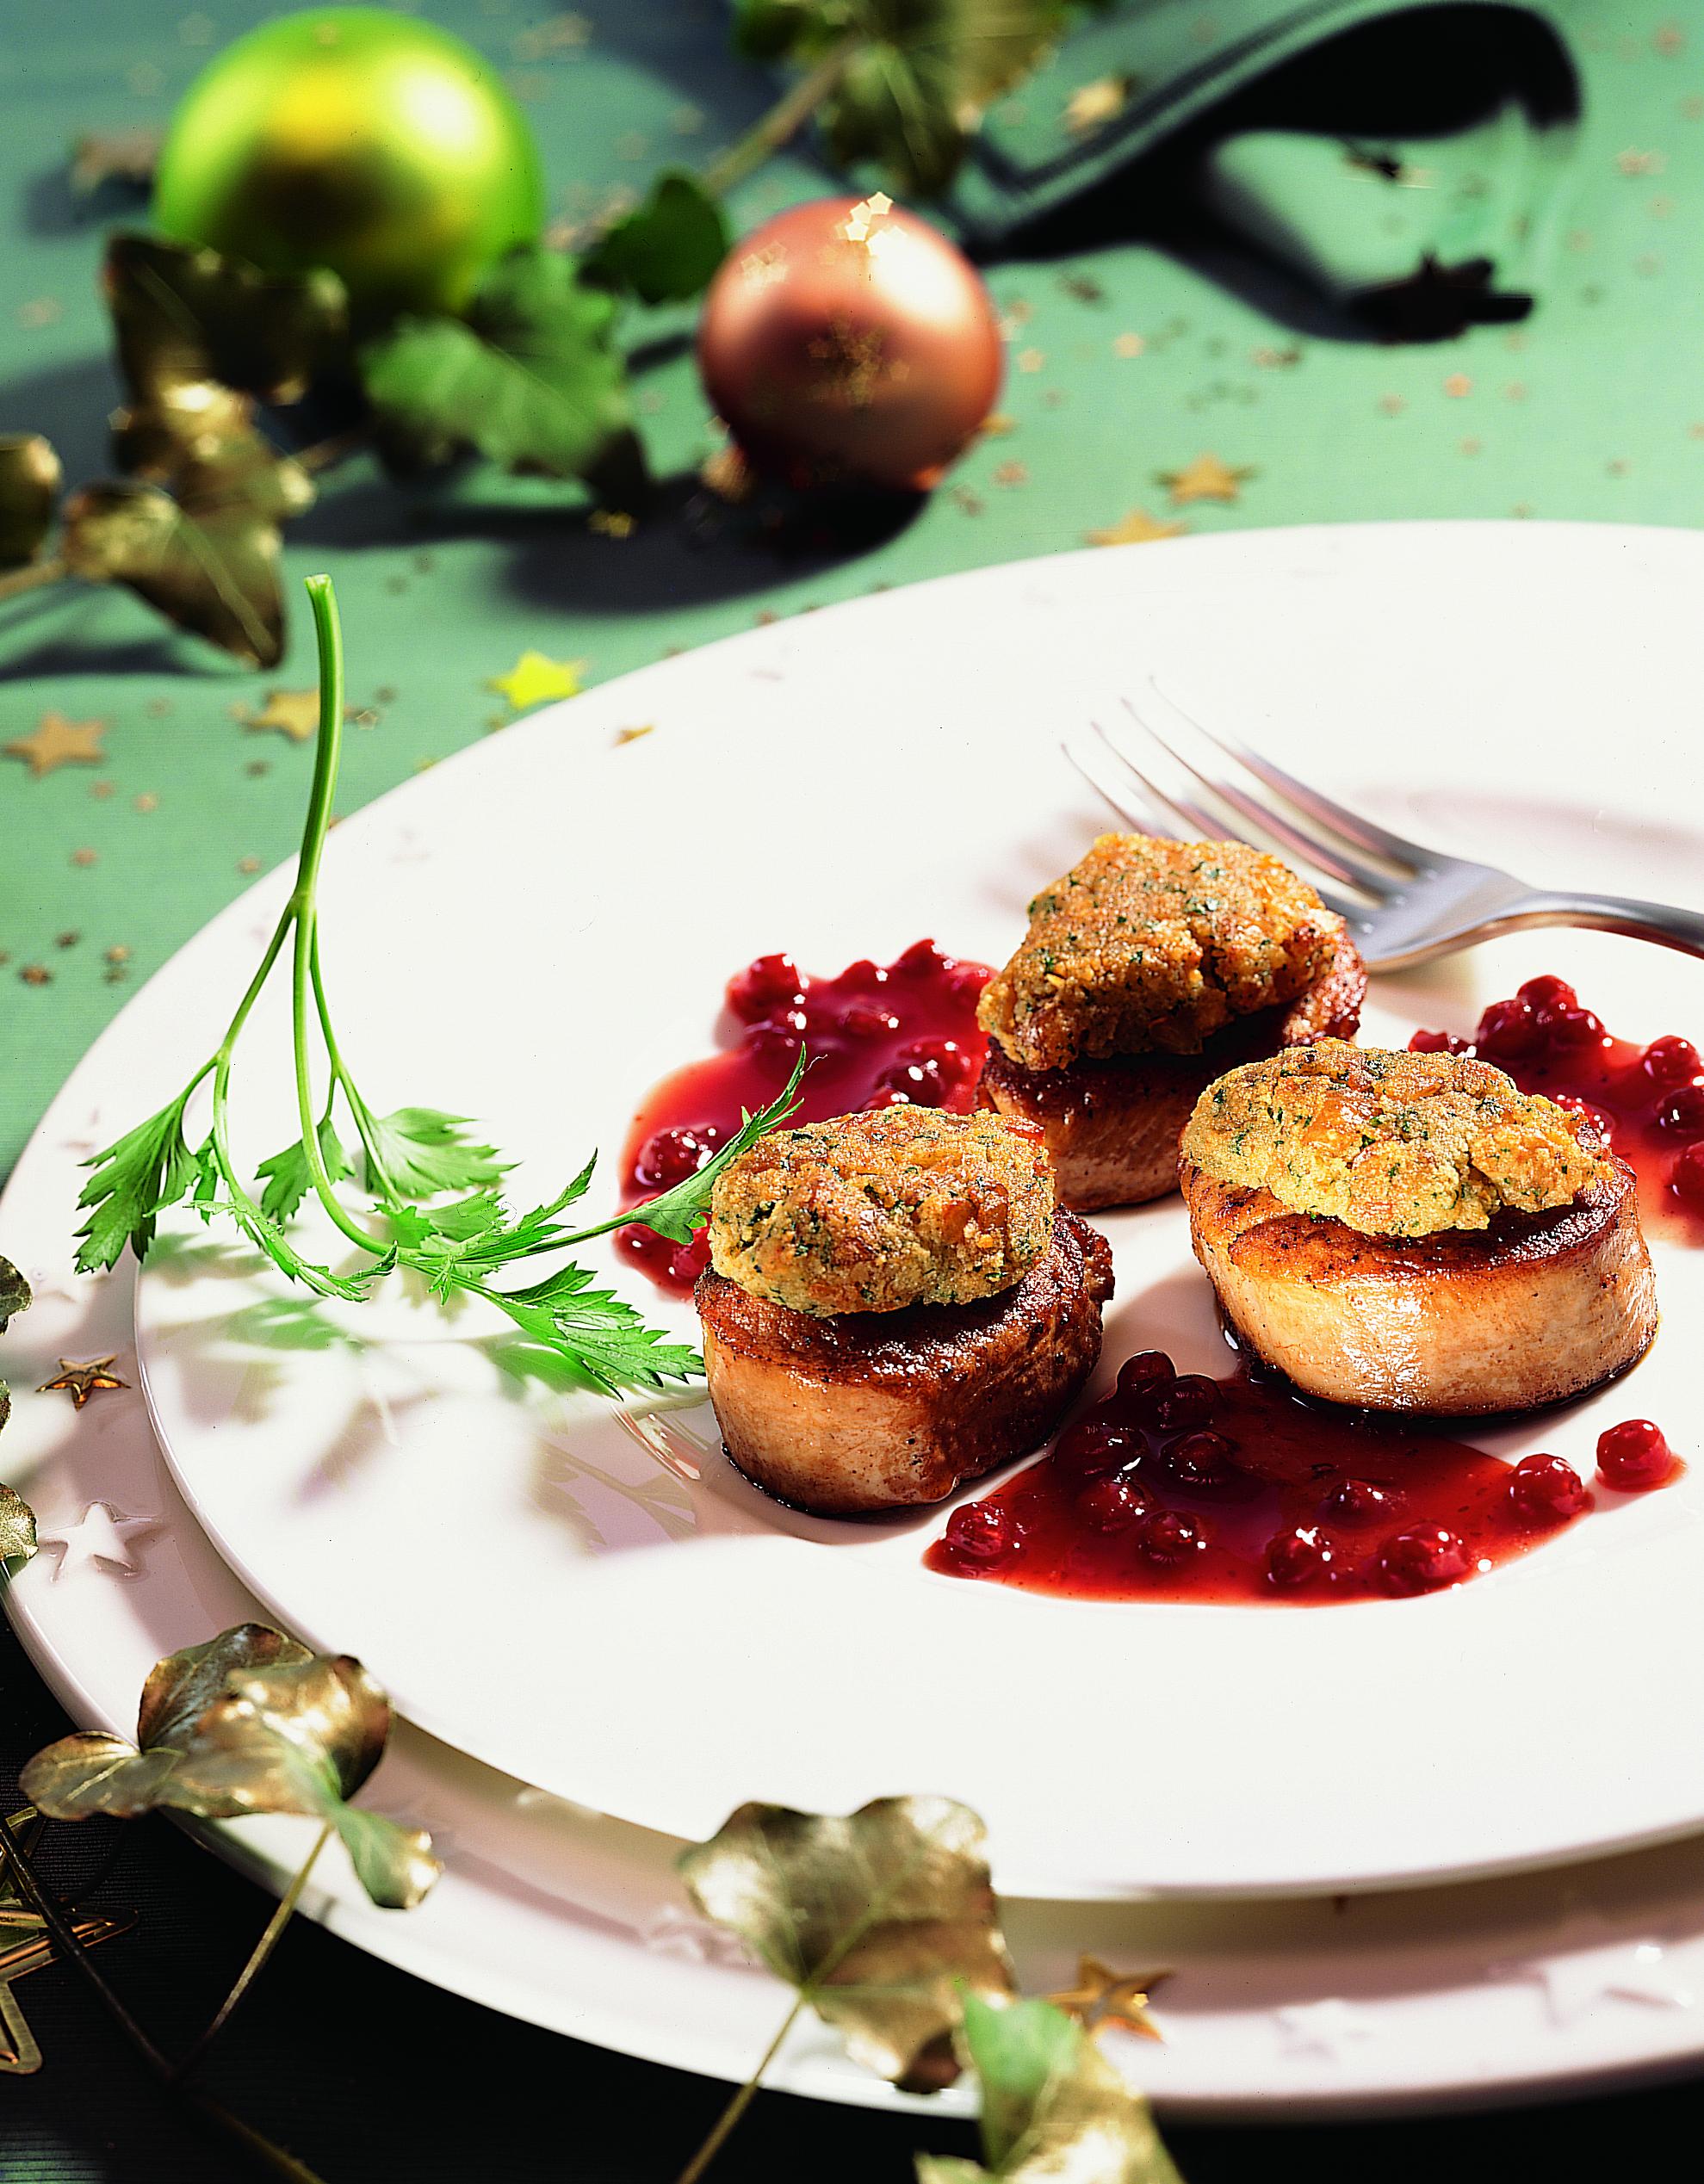 Schweinsfilet-Medaillons mit Marronikruste und Zimt-Preiselbeer-Sauce